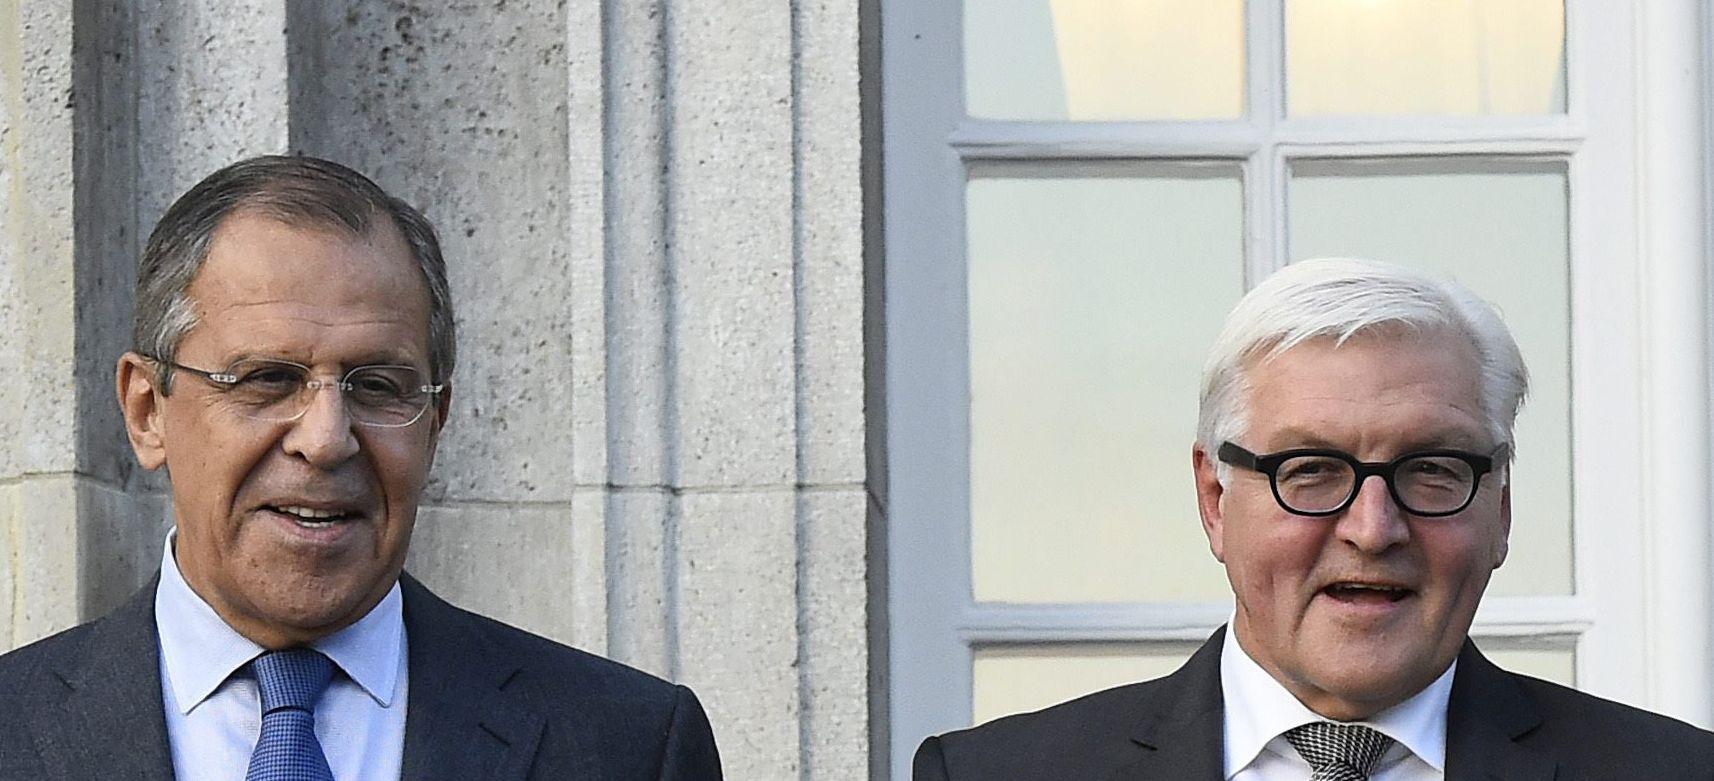 RAZGOVOR O SUKOBIMA: Lavrov i Steinmeier idući tjedan na sastanku o Ukrajini i Siriji